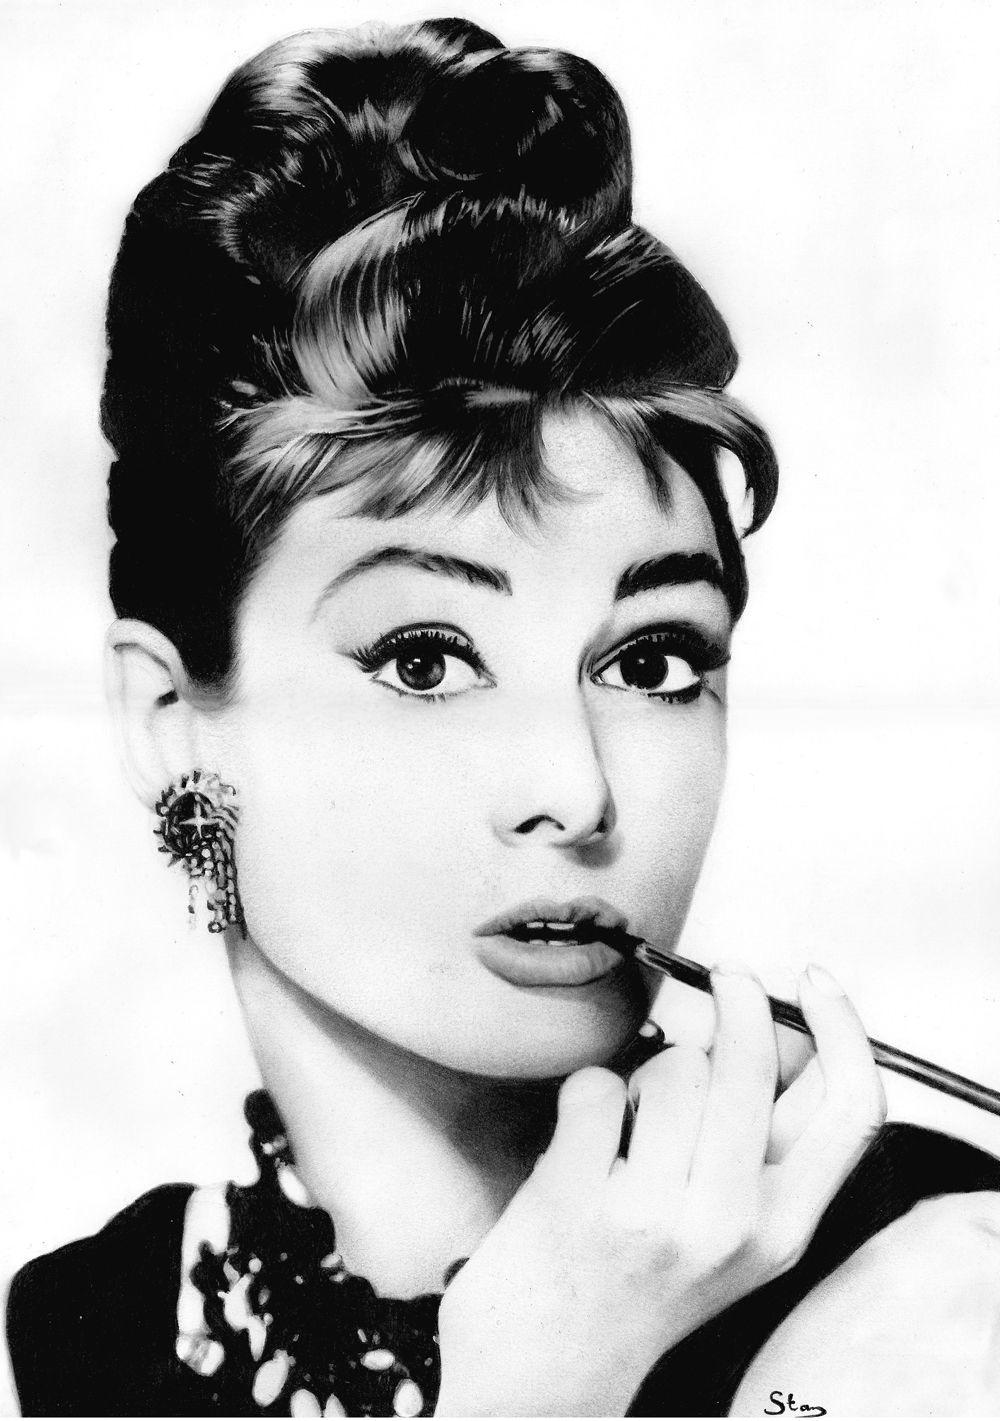 Audrey Hepburn T shirt, Audrey Hepburn Pictures, Old Hollywood Gift,Audrey Hepburn shirt,Audrey Hepburn gifts, Old Hollywood Glamour, Audrey